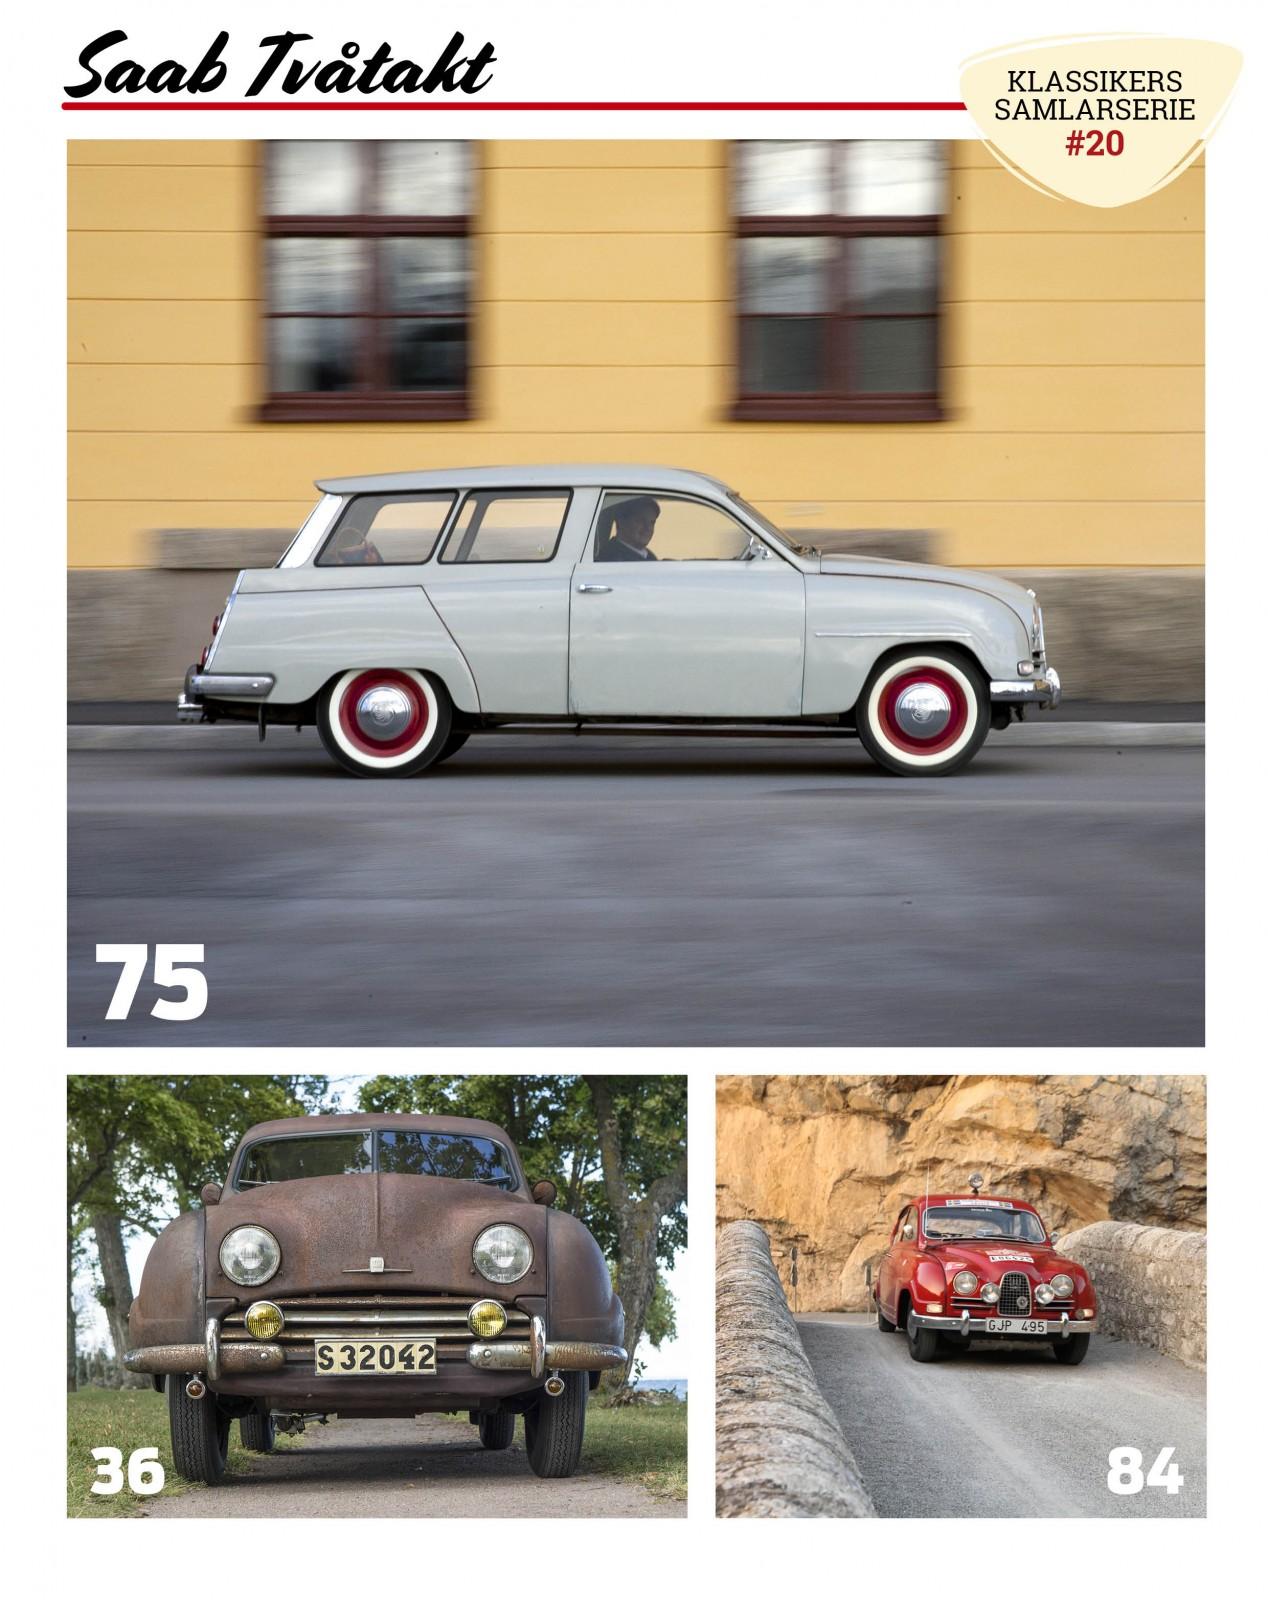 Samlarutgåva: Saab Tvåtakt!